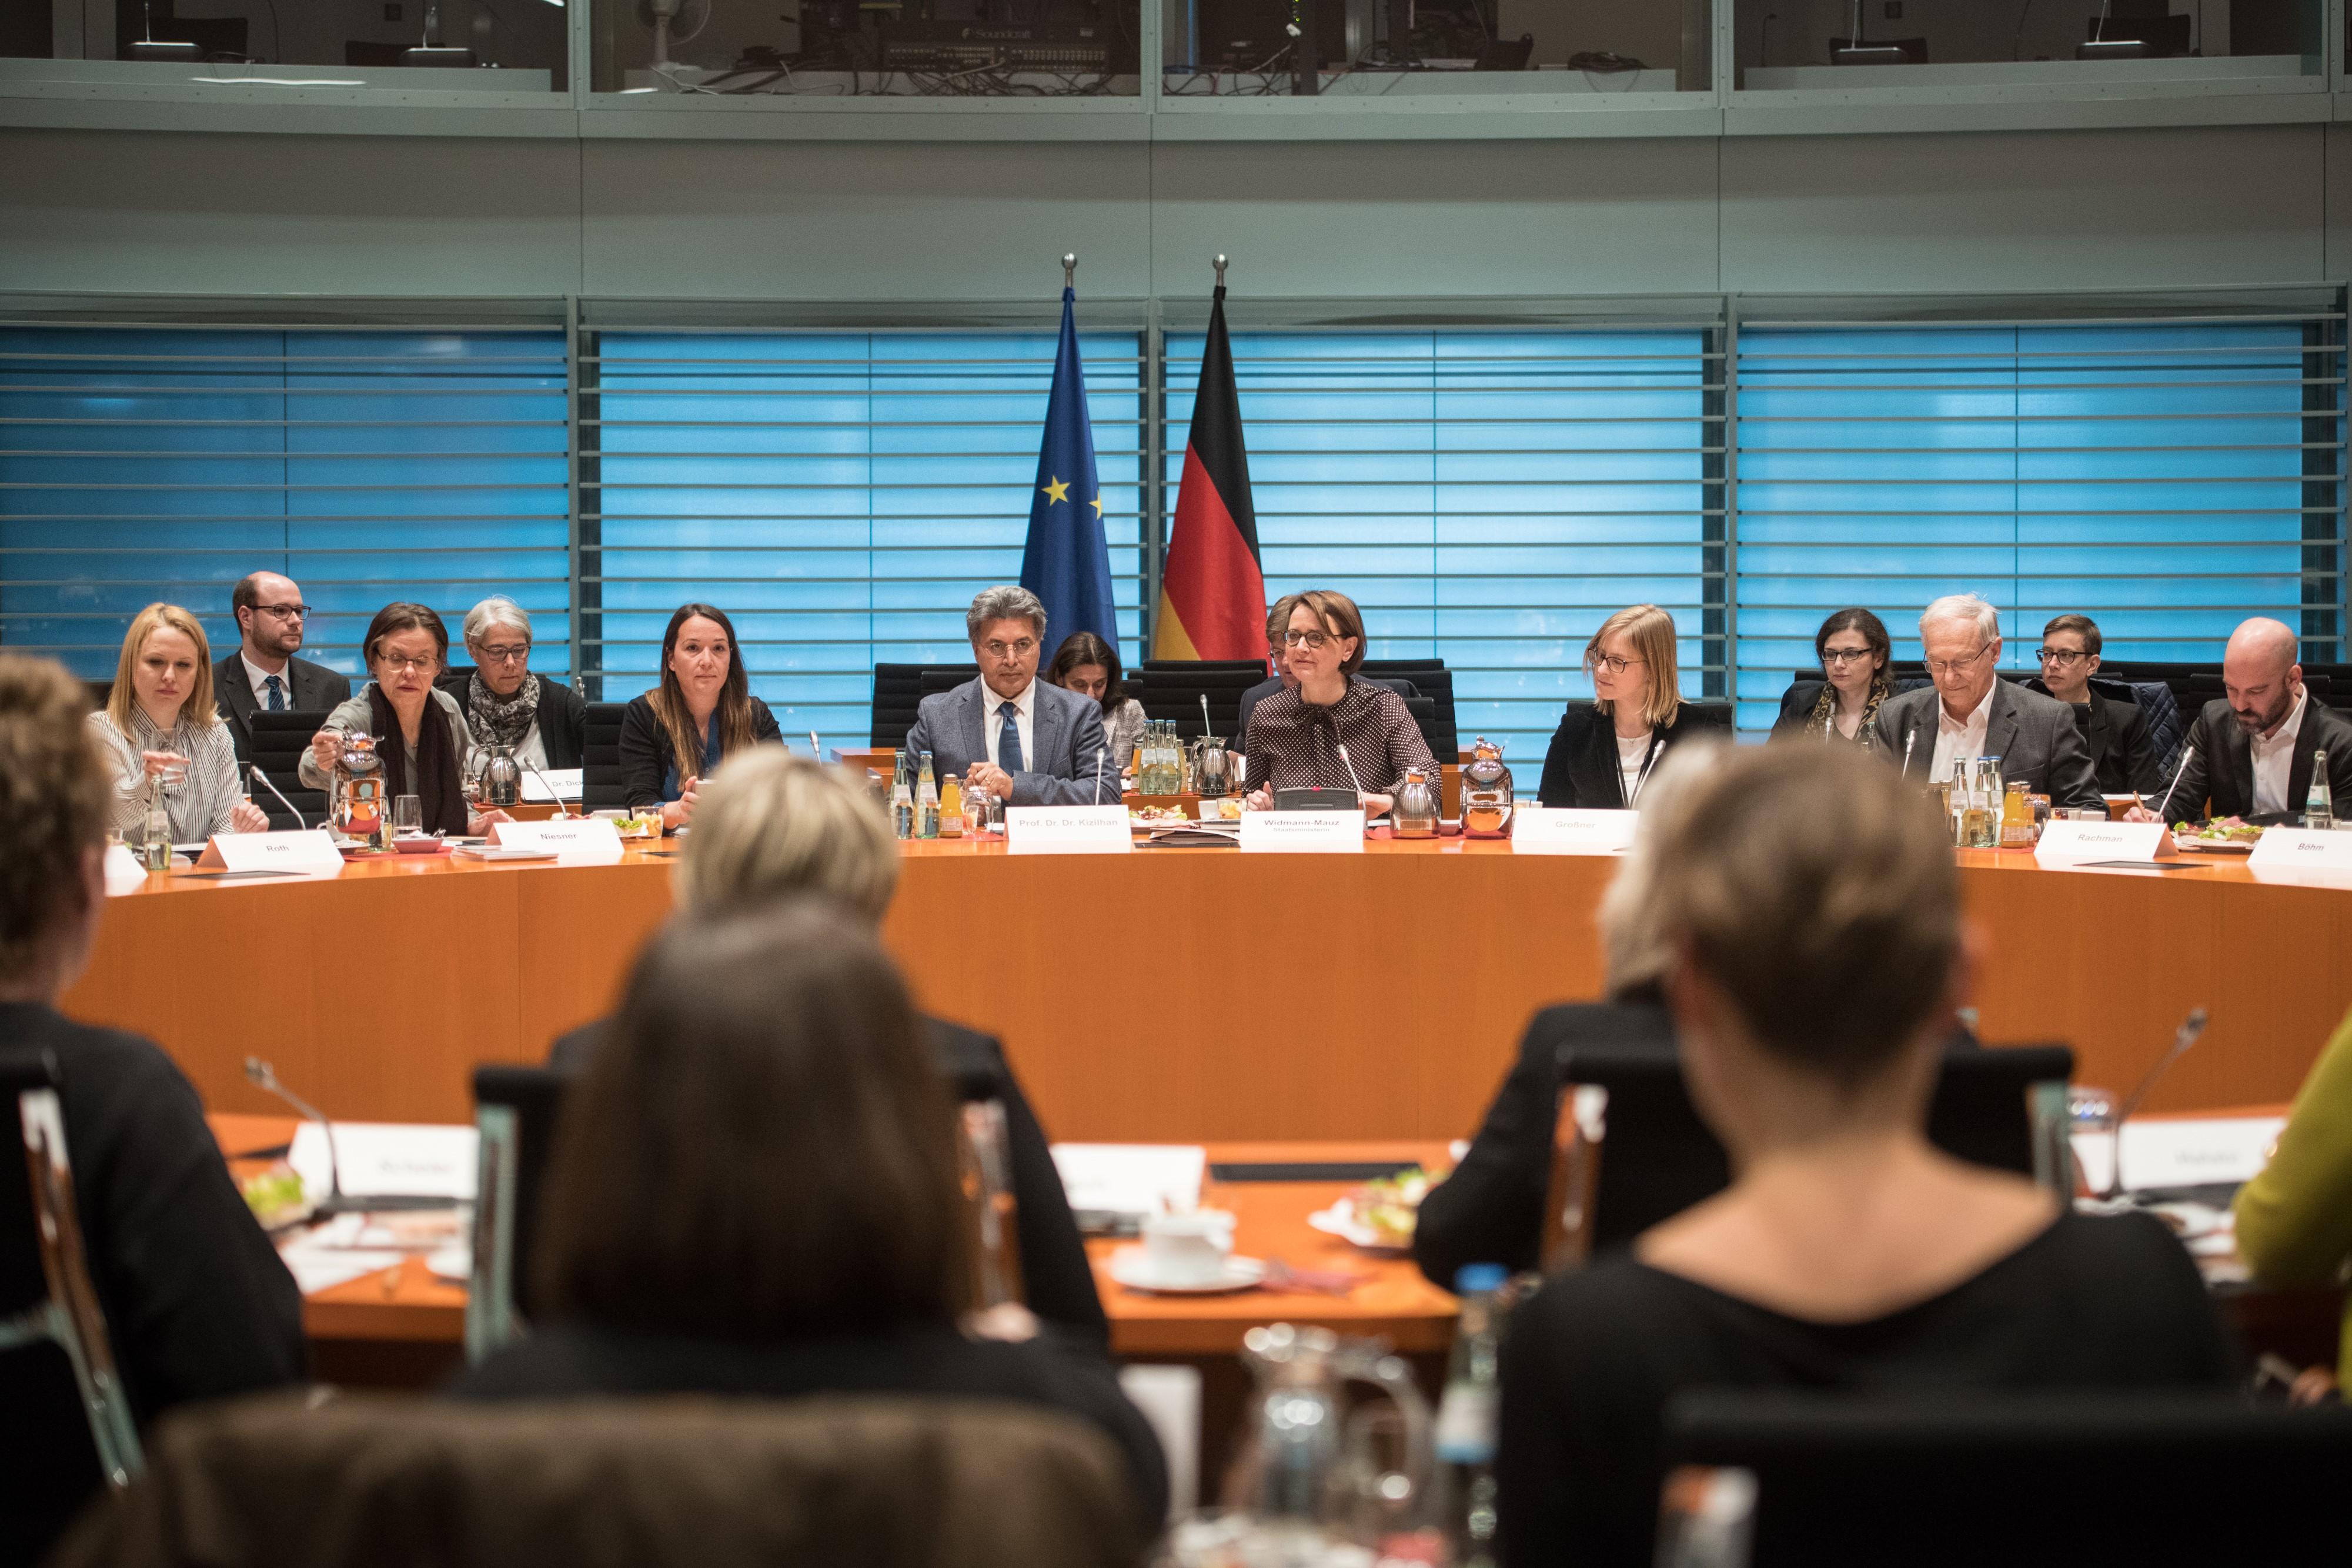 Das Bild zeigt das Plenum des Fachgespräches zur Gewaltprävention am 27. Februar 2019 im Bundeskanzleramt Berlin, in der Mitte sprechen Staatsministerin Widmann-Mauz und Professor Kizilhan vom Projekt MiMi-Gewaltprävention.